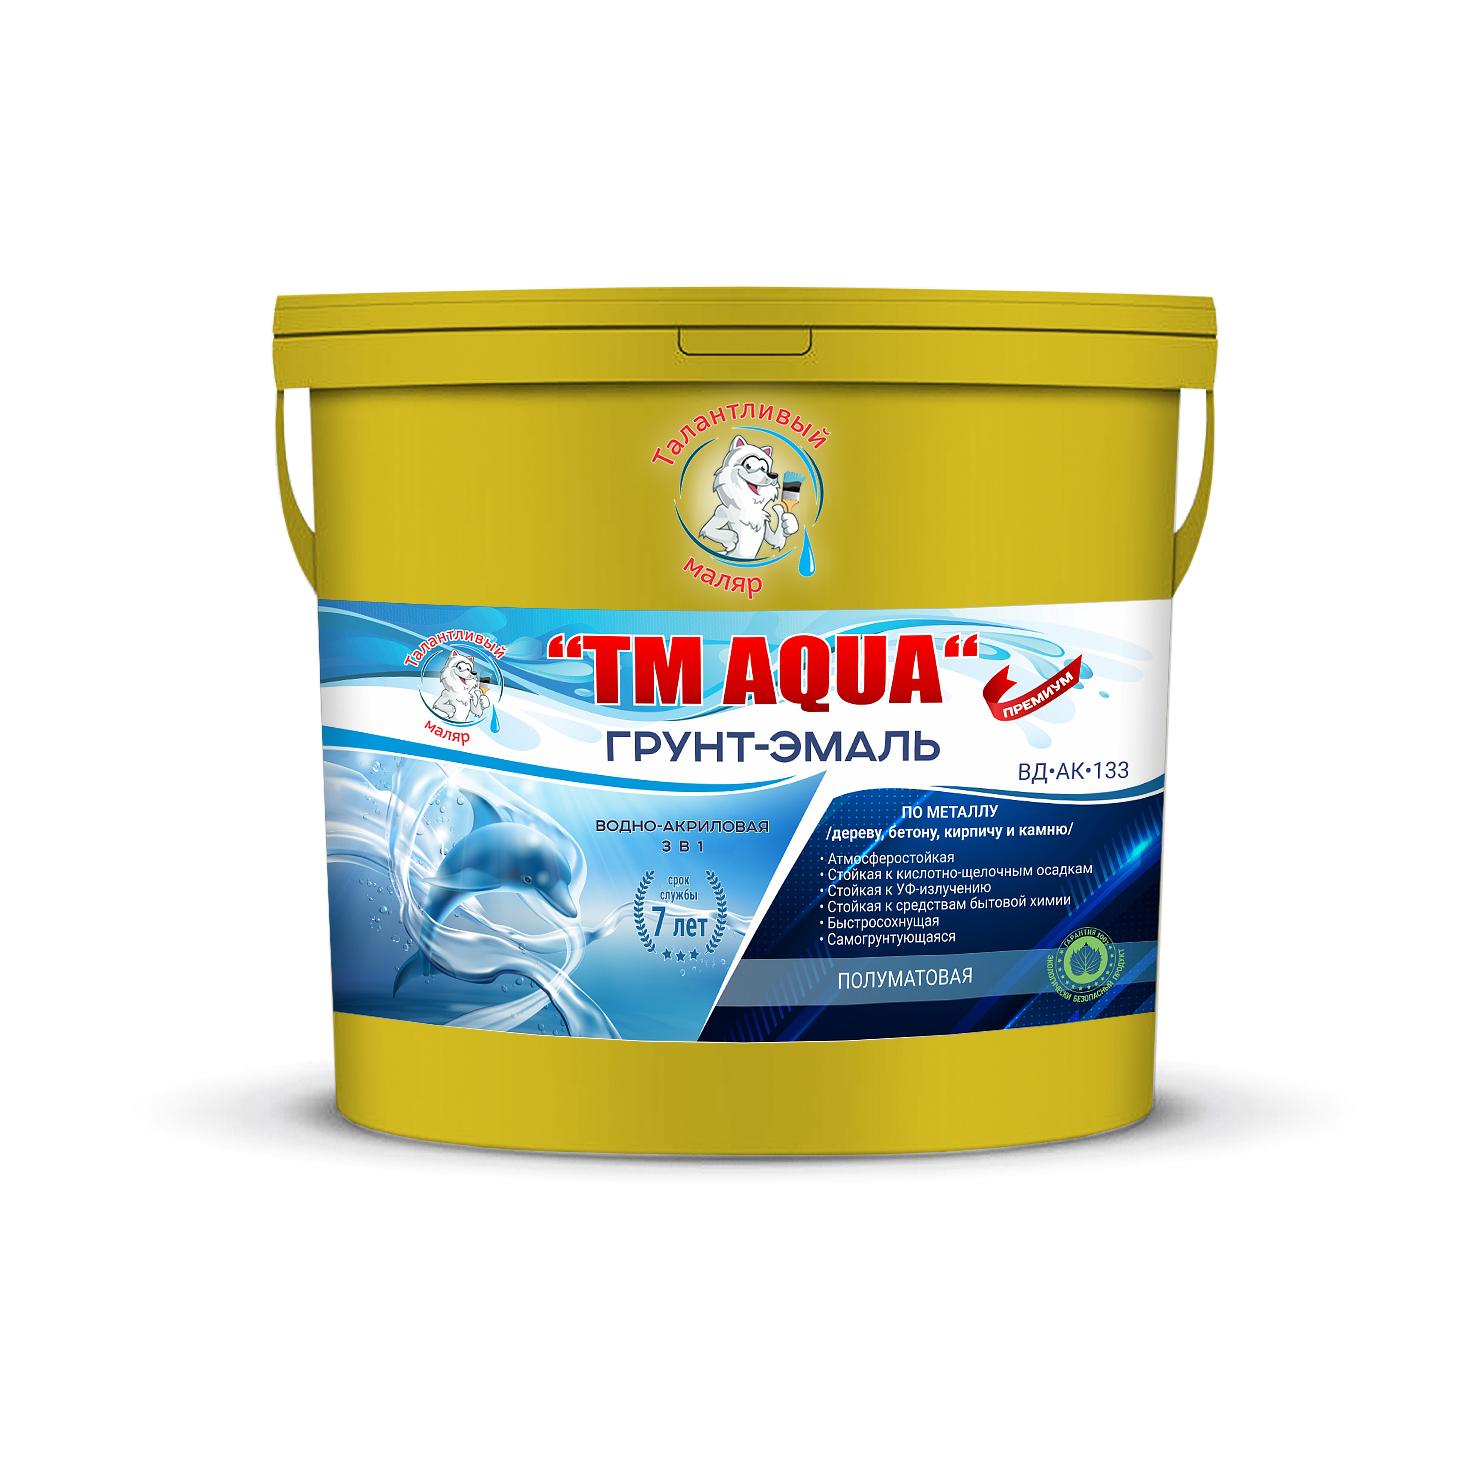 Фото 19 - Грунт-Эмаль 'TM-AQUA' RAL 1012 - Лимонно-желтый, 3в1 по ржавчине, водно-акриловая, полуматовая, 10кг 'Талантливый Маляр'.